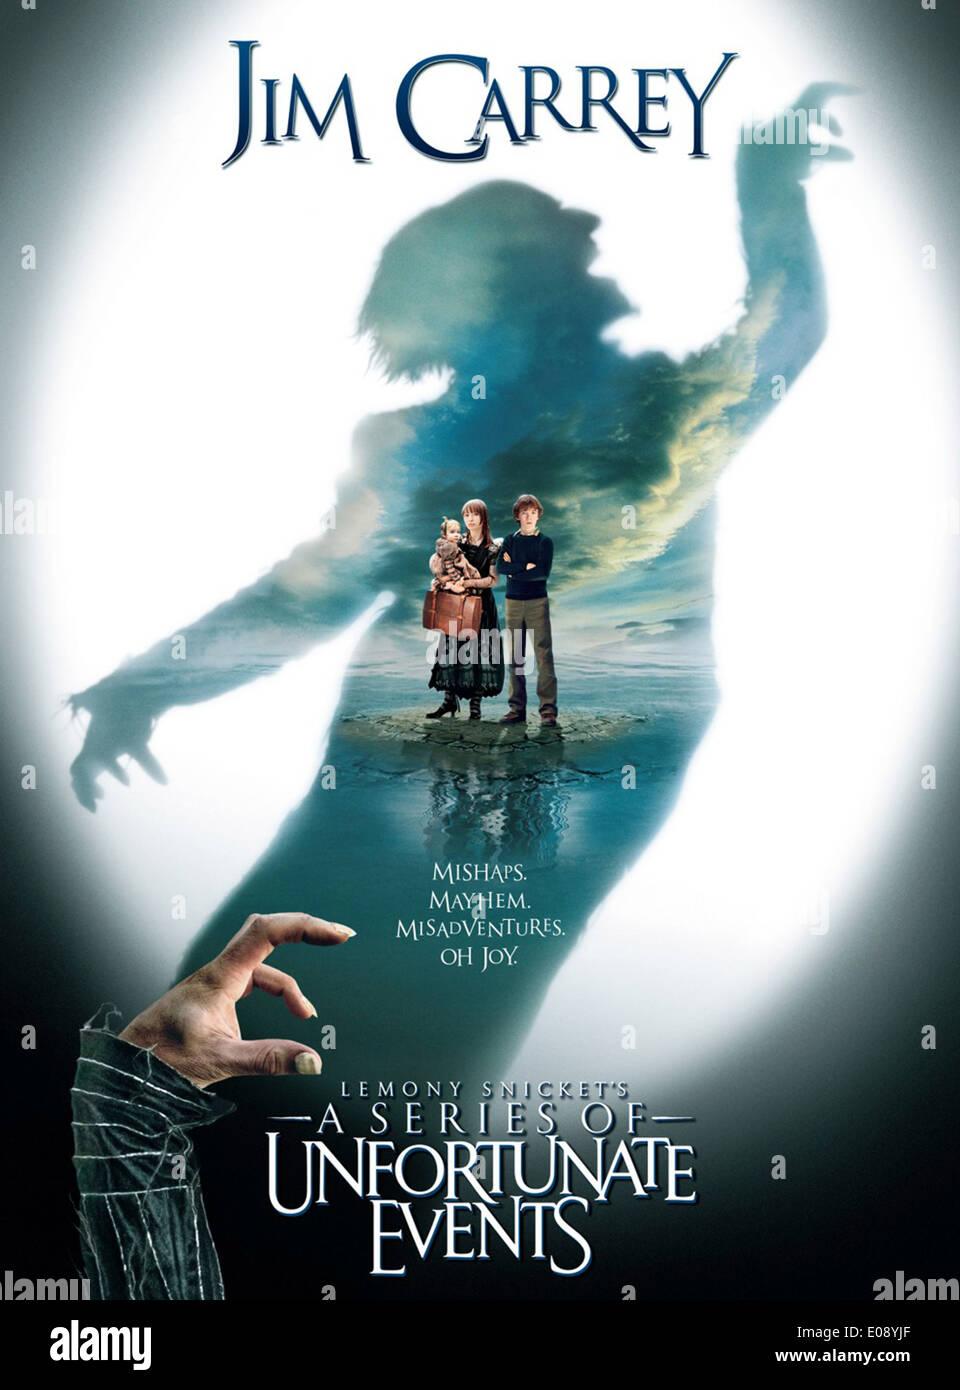 LEMONY SNICKET EINE REIHE BETRÜBLICHER EREIGNISSE (POSTER) (2004) BRAD SILBERLING (DIR) MOVIESTORE SAMMLUNG LTD Stockbild